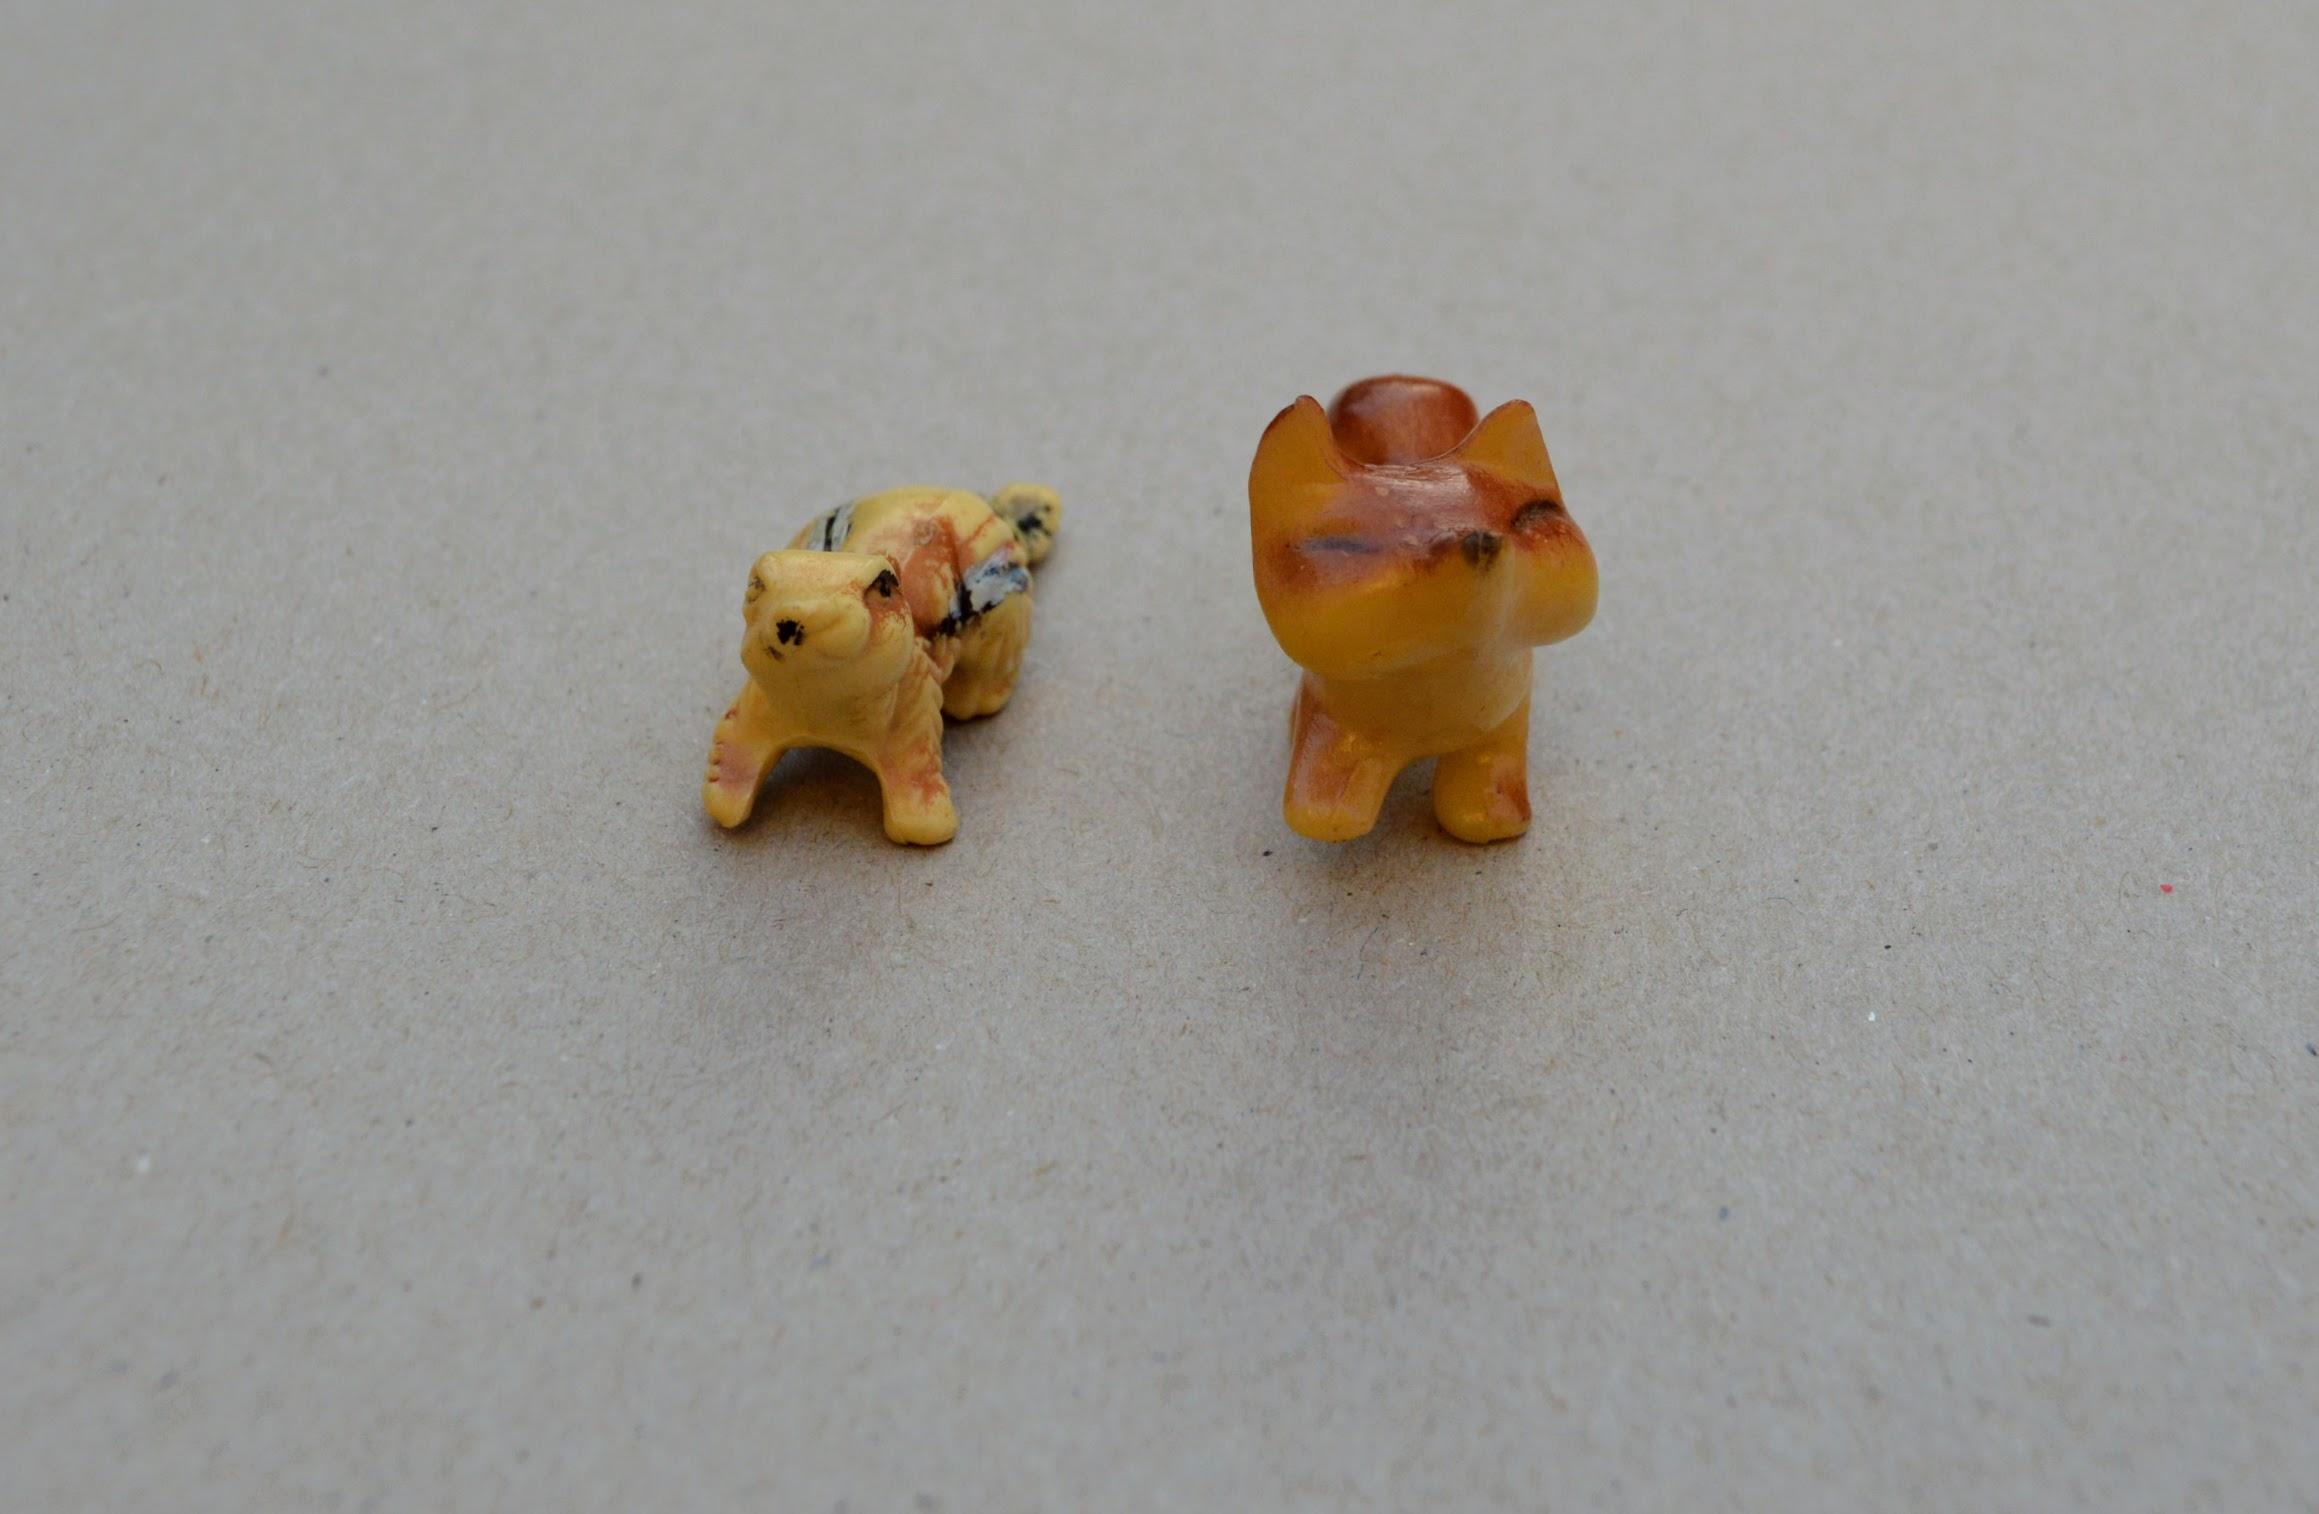 Überraschungs-Ei Figuren von 1975